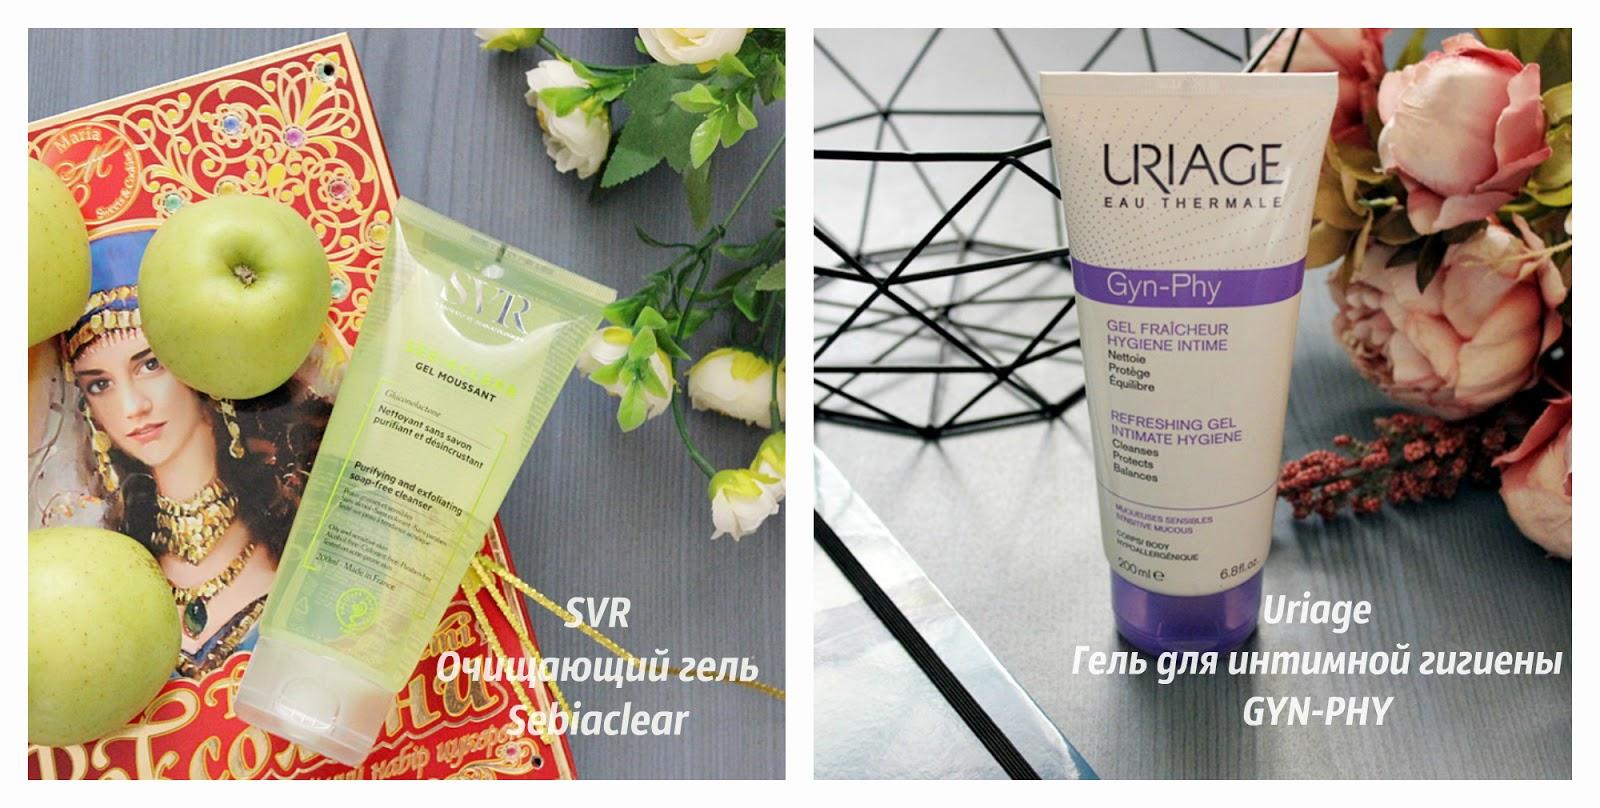 Аптечные гели для ежедневного использования: Очищающий гель SVR Sebiaclear и Гель для интимной гигиены Uriage GYN-PHY / обзор, отзывы